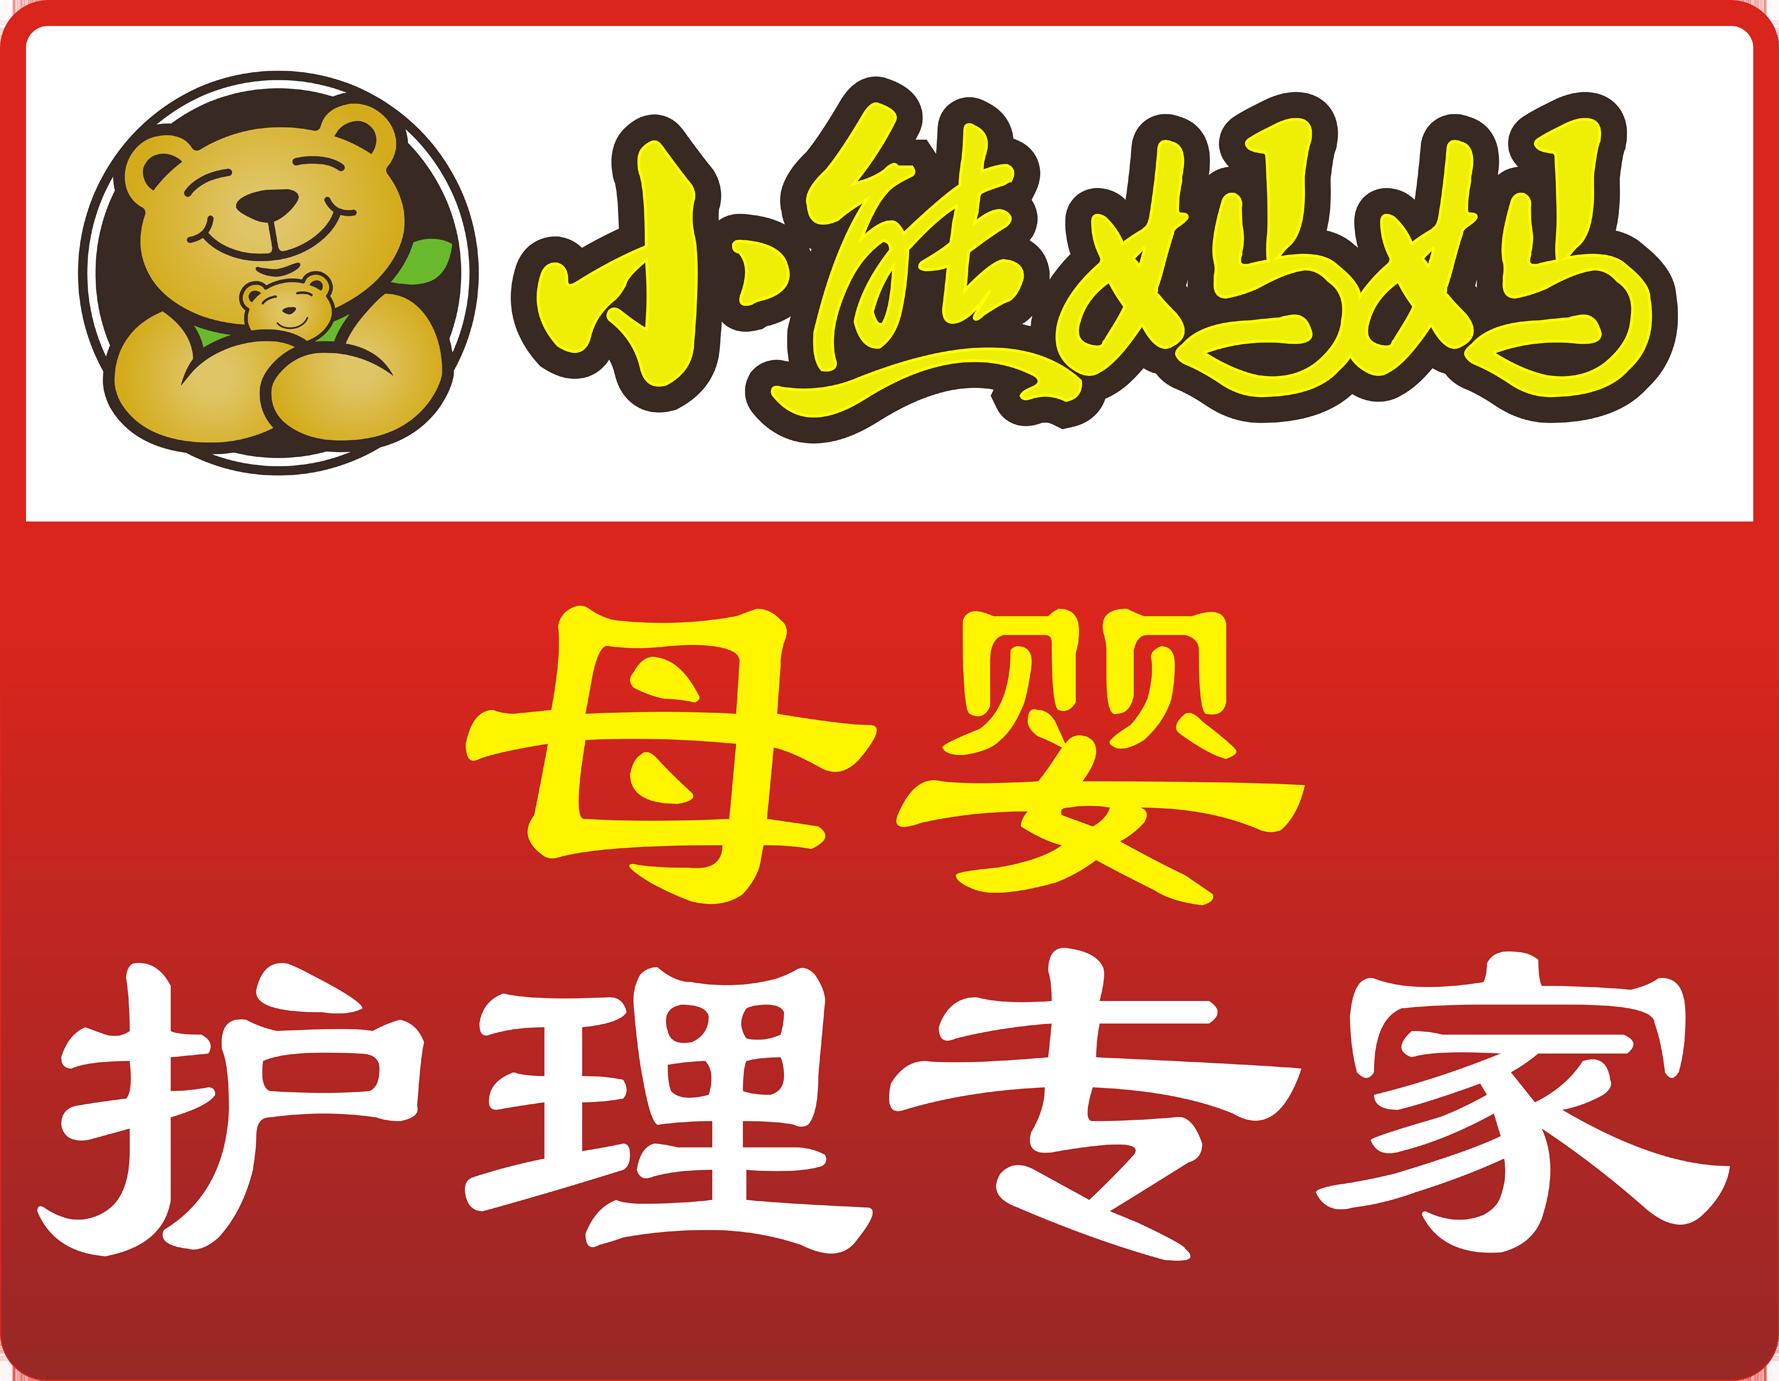 佛山金牌月嫂/催乳/通乳/催乳师培训/就到小妈妈